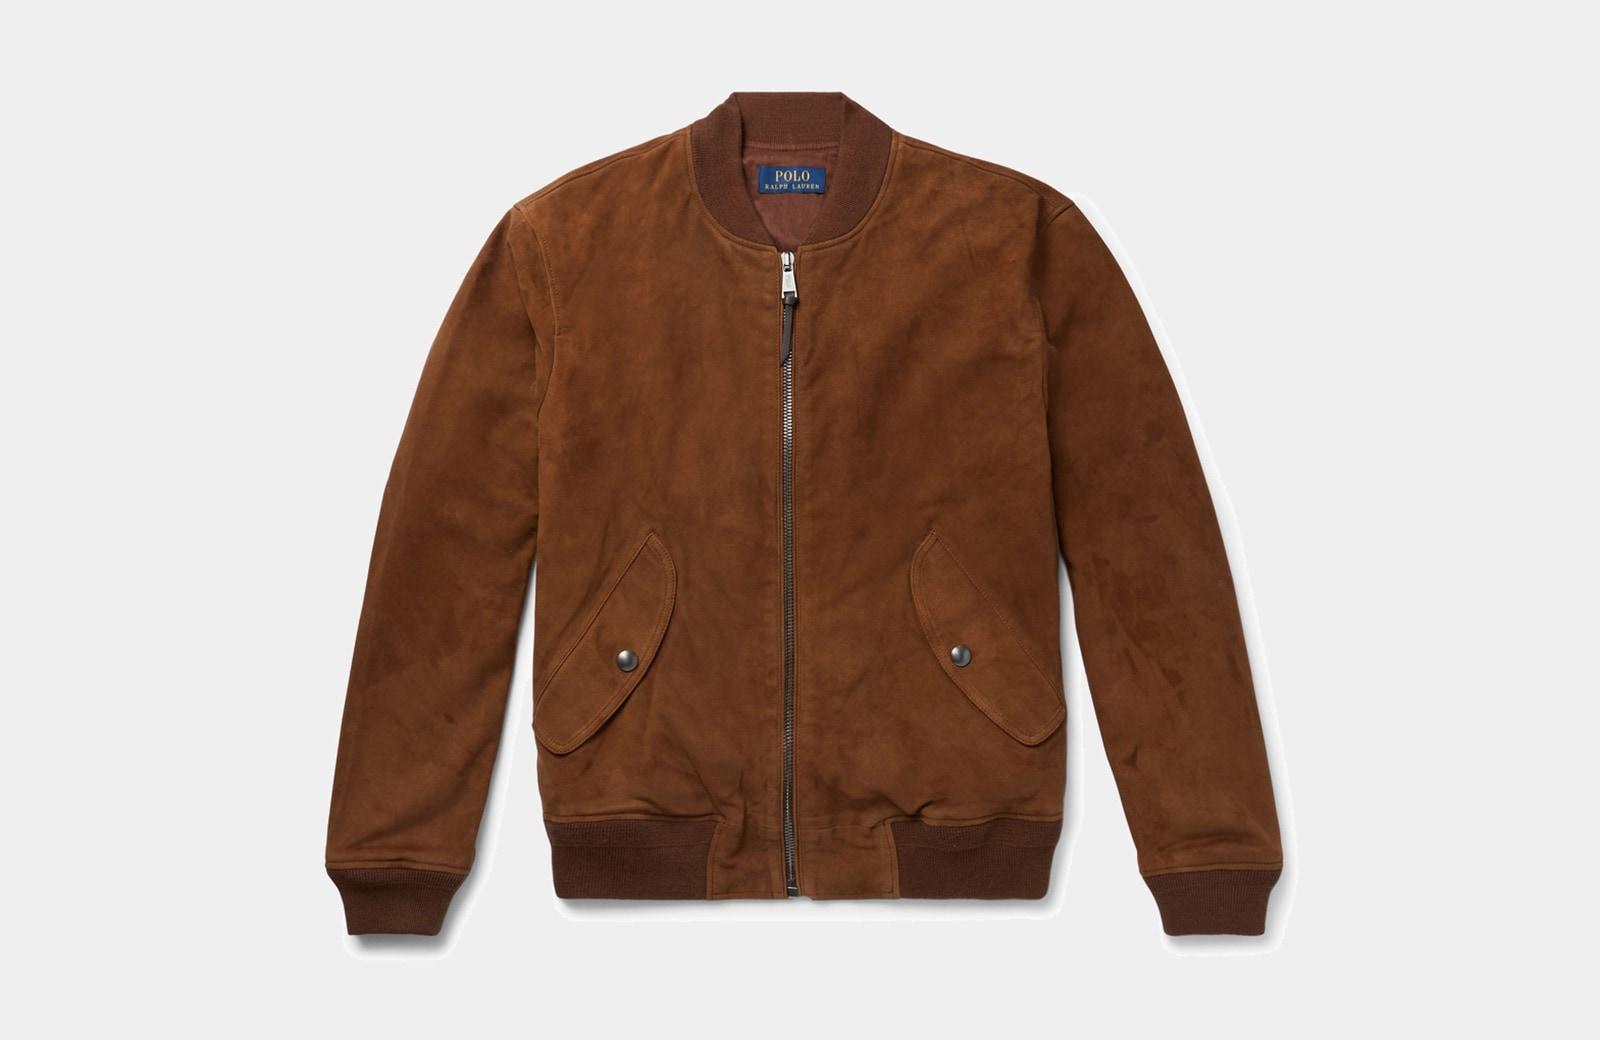 best brown bomber jacket men Polo Ralph Lauren luxury style - Luxe Digital